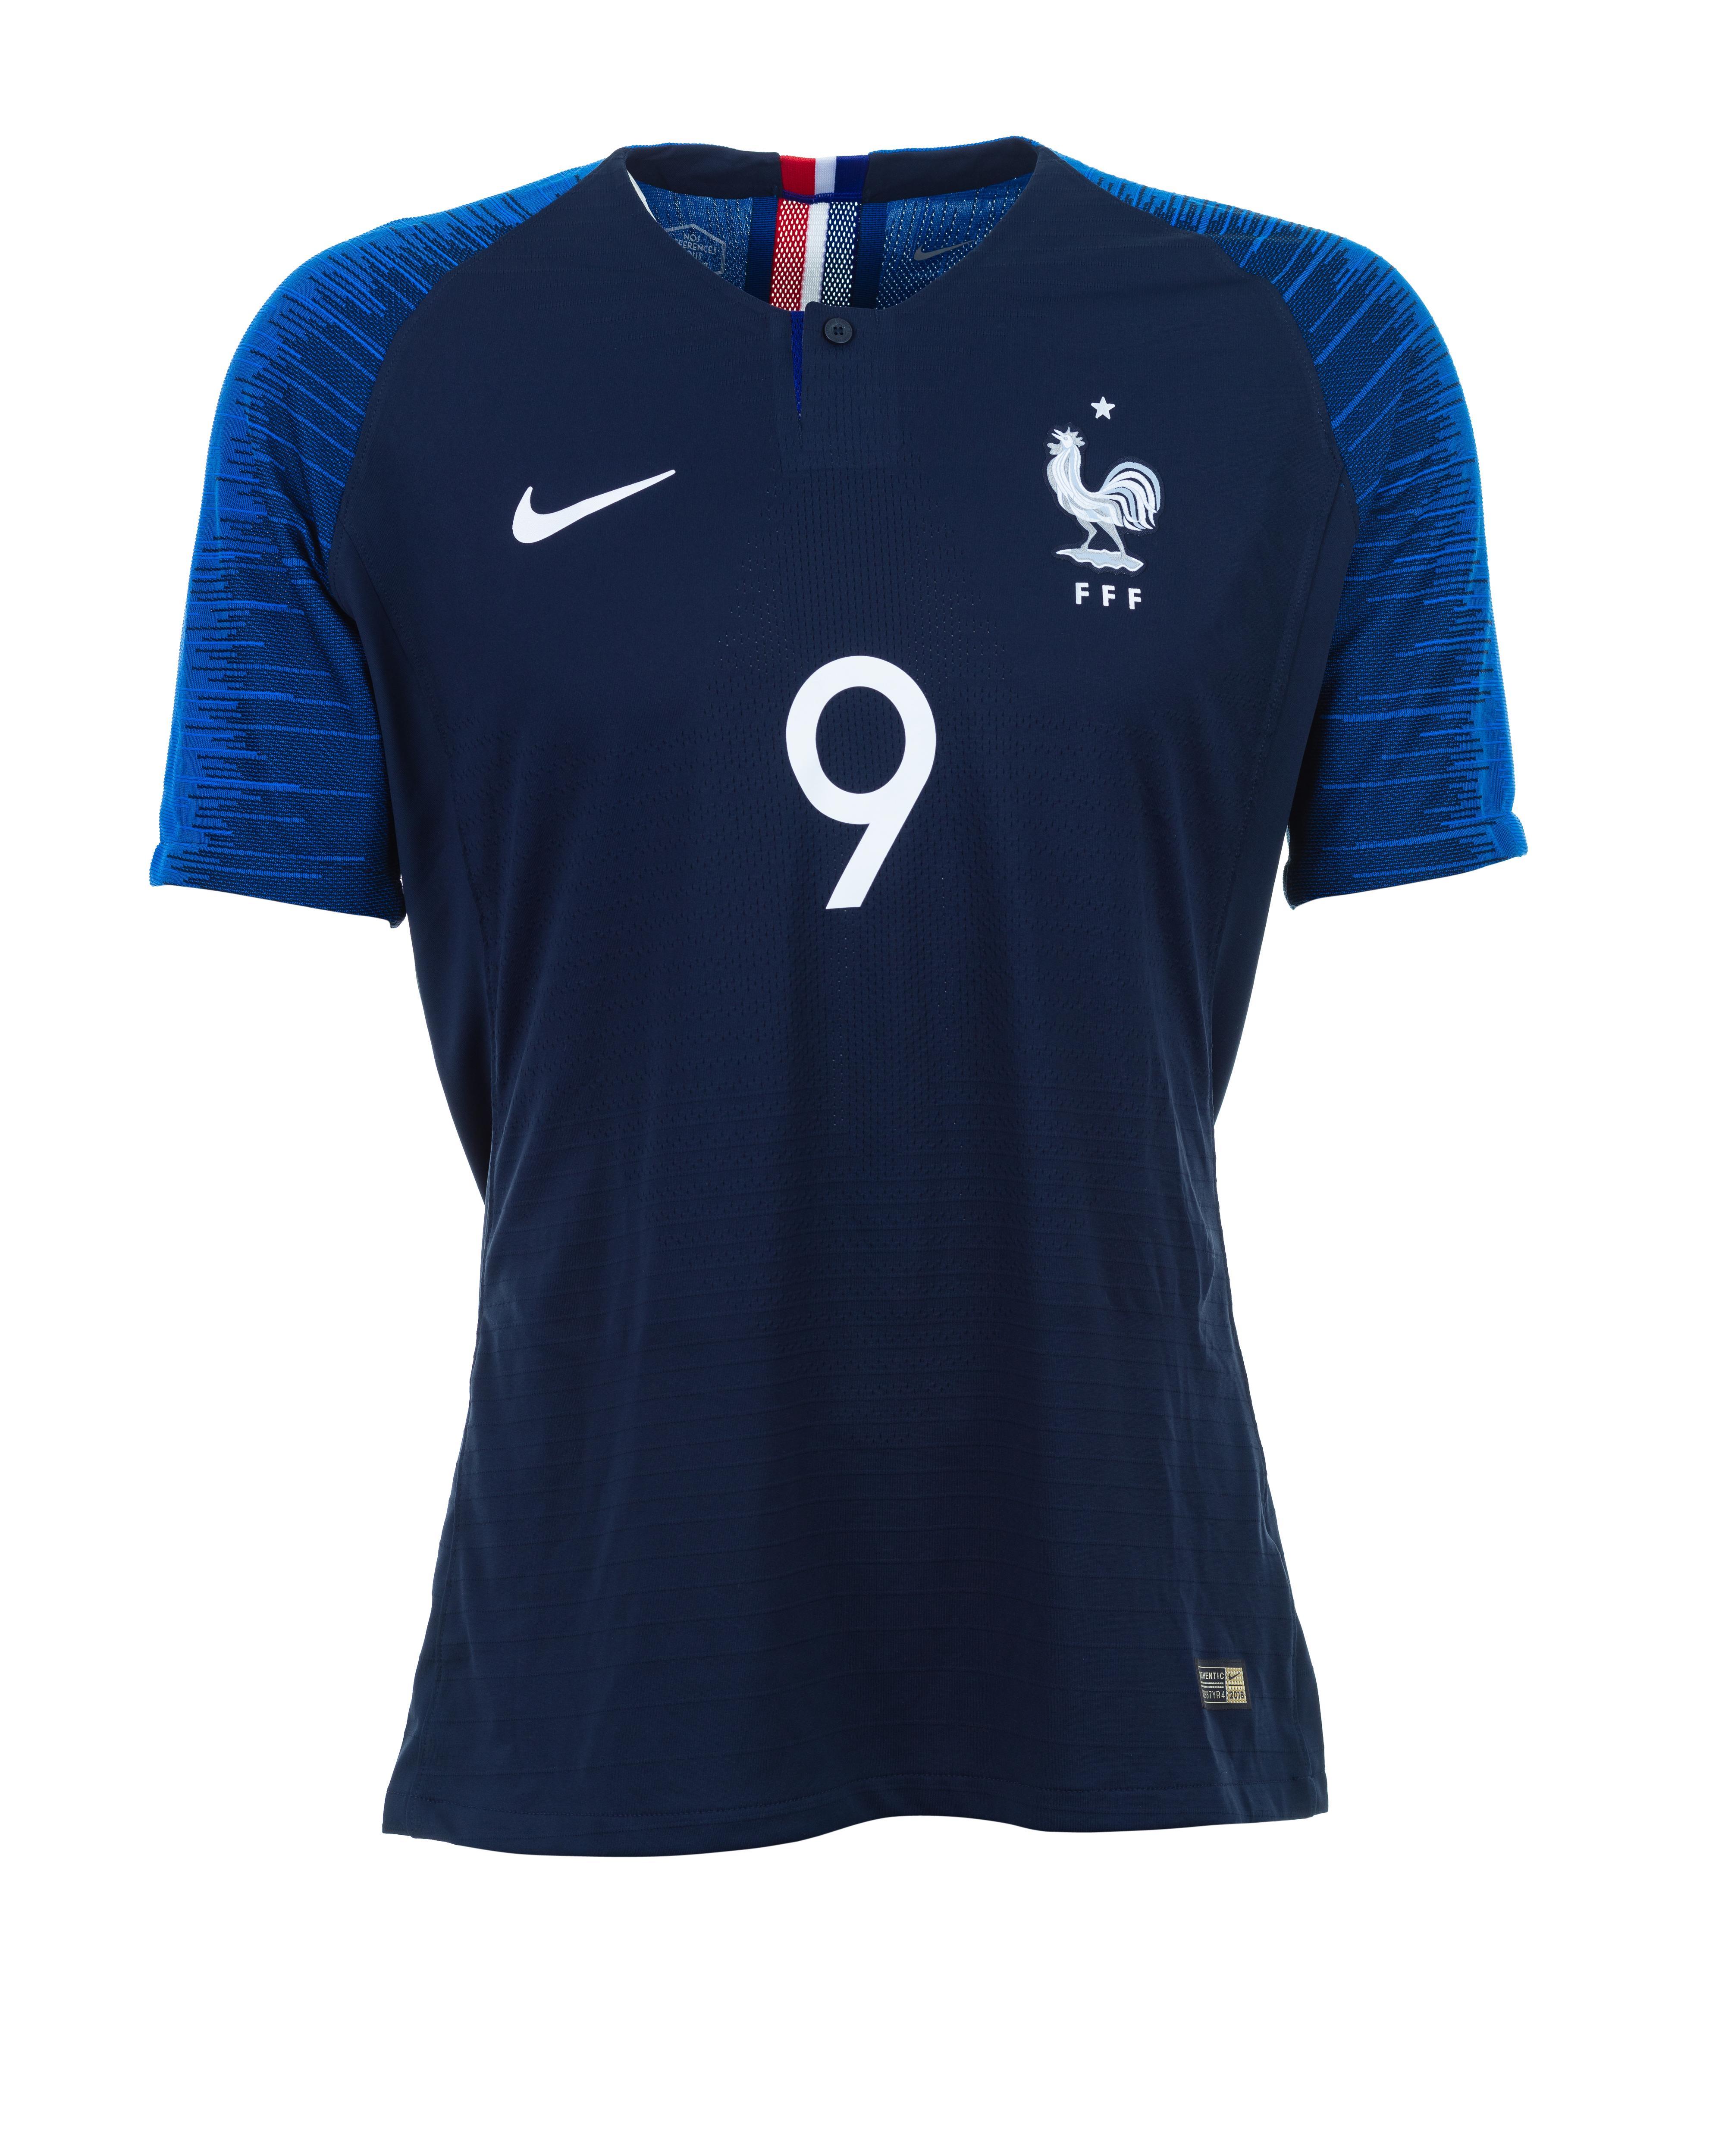 Veja as camisas titulares das 32 seleções da Copa do Mundo 2018 ... 1a7e18c978f40